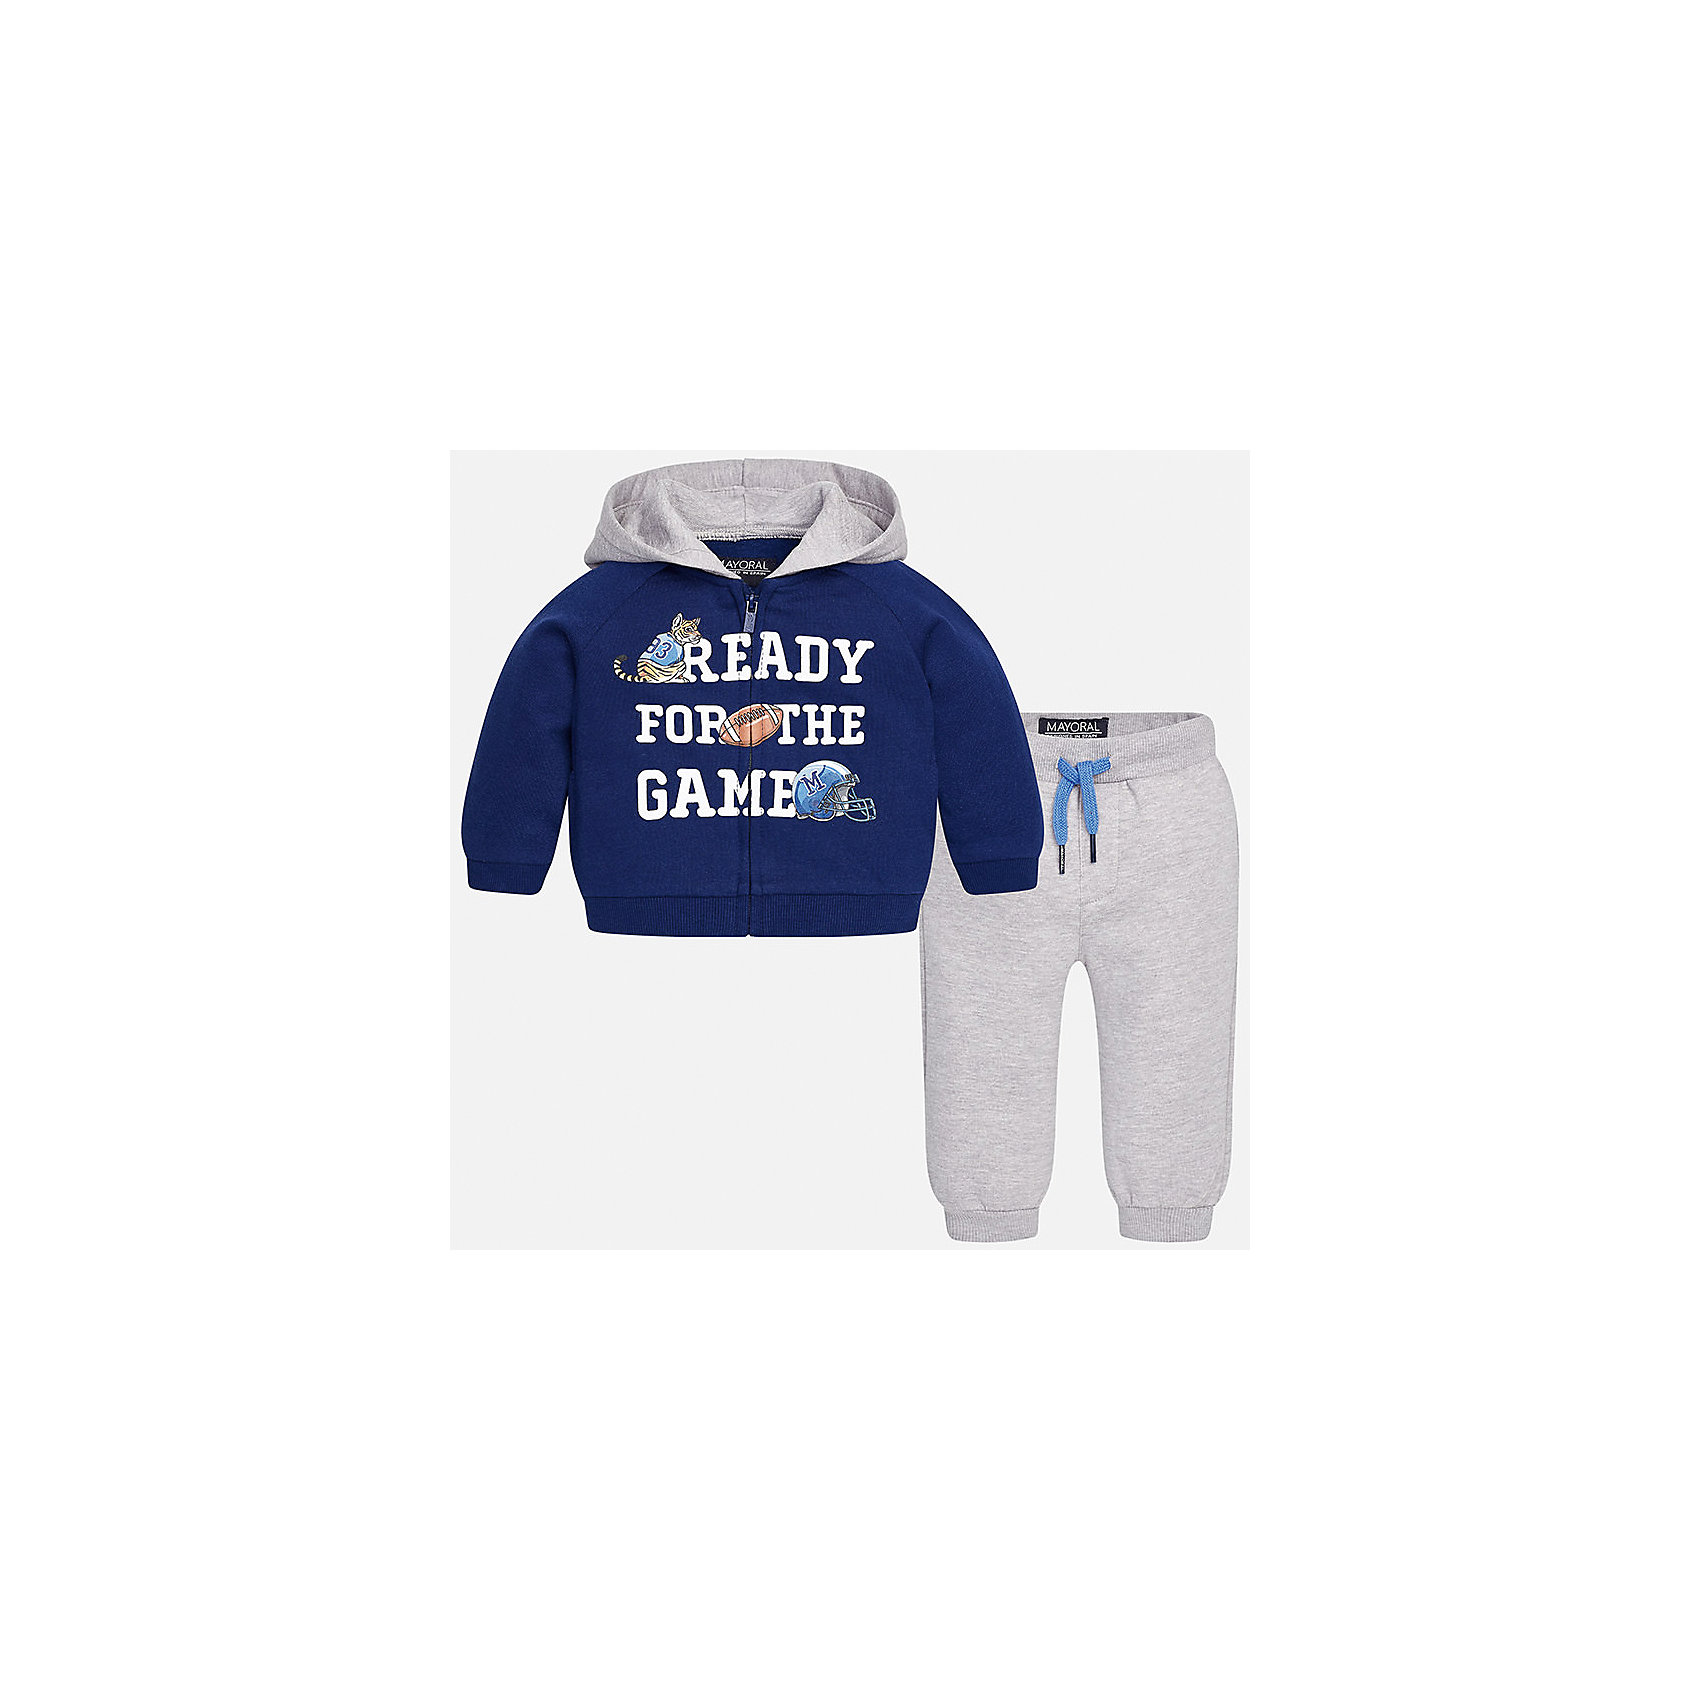 Спортивный костюм для мальчика MayoralКомплекты<br>Характеристики товара:<br><br>• цвет: синий<br>• состав ткани: 60% хлопок, 40% полиэстер<br>• комплектация: куртка, 2 брюк<br>• сезон: демисезон<br>• особенности модели: спортивный стиль<br>• застежка: молния<br>• длинные рукава<br>• пояс брюк: резинка, шнурок<br>• страна бренда: Испания<br>• страна изготовитель: Индия<br><br>Этот спортивный костюм для мальчика сделан из плотного приятного на ощупь материала. Такой детский спортивный комплект состоит из курточки и двух брюк. Благодаря продуманному крою детского спортивного костюма создаются комфортные условия для тела. Спортивный комплект для мальчика отличается стильным продуманным дизайном.<br><br>Спортивный костюм для мальчика Mayoral (Майорал) можно купить в нашем интернет-магазине.<br><br>Ширина мм: 247<br>Глубина мм: 16<br>Высота мм: 140<br>Вес г: 225<br>Цвет: белый<br>Возраст от месяцев: 24<br>Возраст до месяцев: 36<br>Пол: Мужской<br>Возраст: Детский<br>Размер: 98,74,80,86,92<br>SKU: 6935516